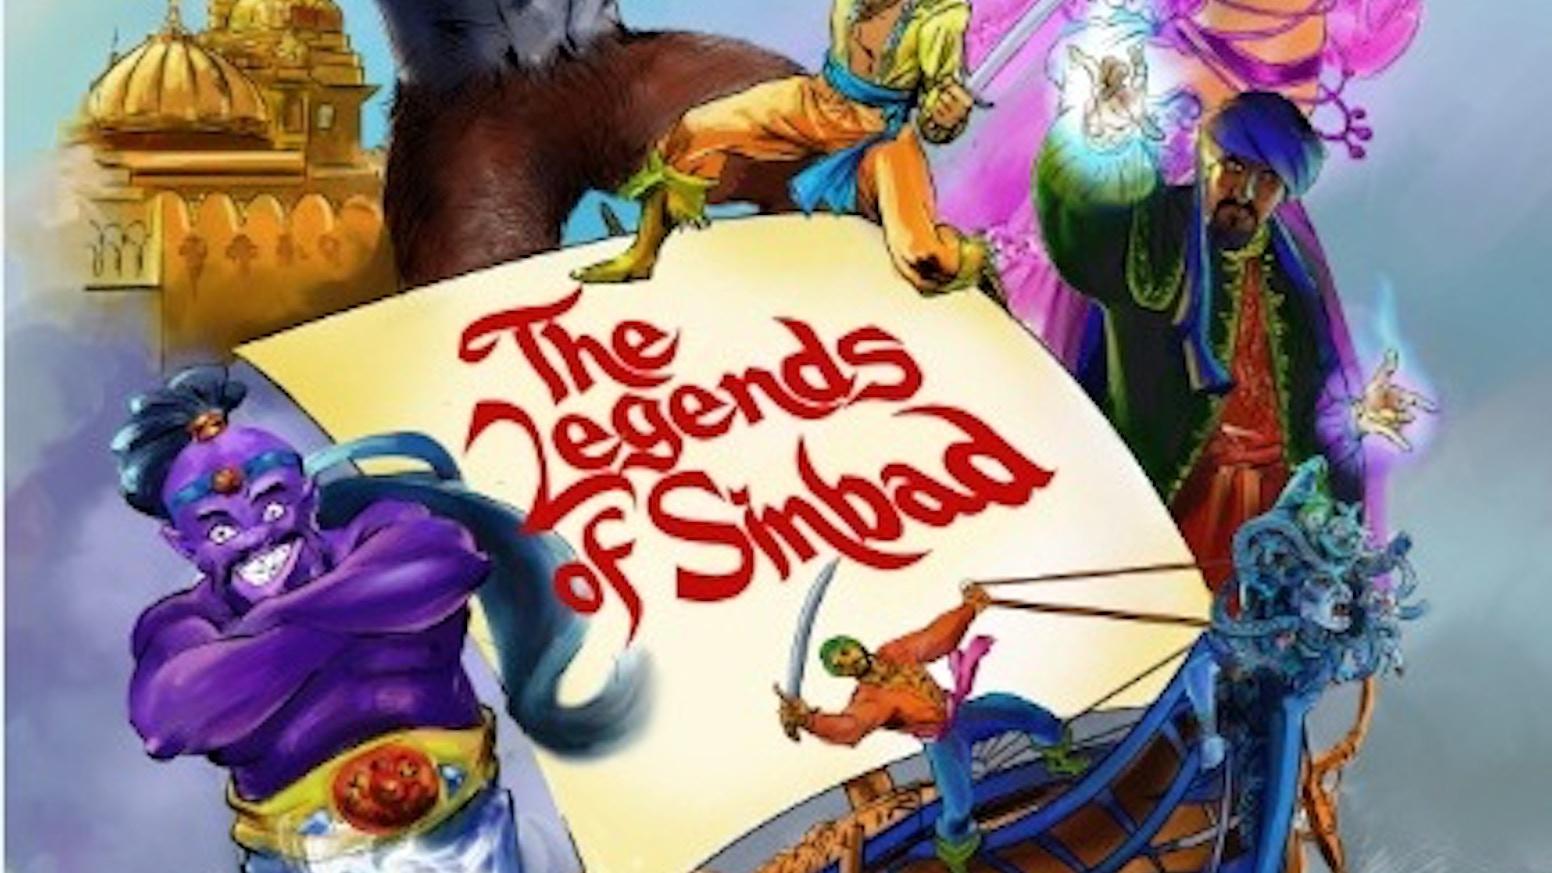 5fedb0b27 The Legends of Sinbad RPG! by Game Smiths LLC (削除済み) » Pre ...